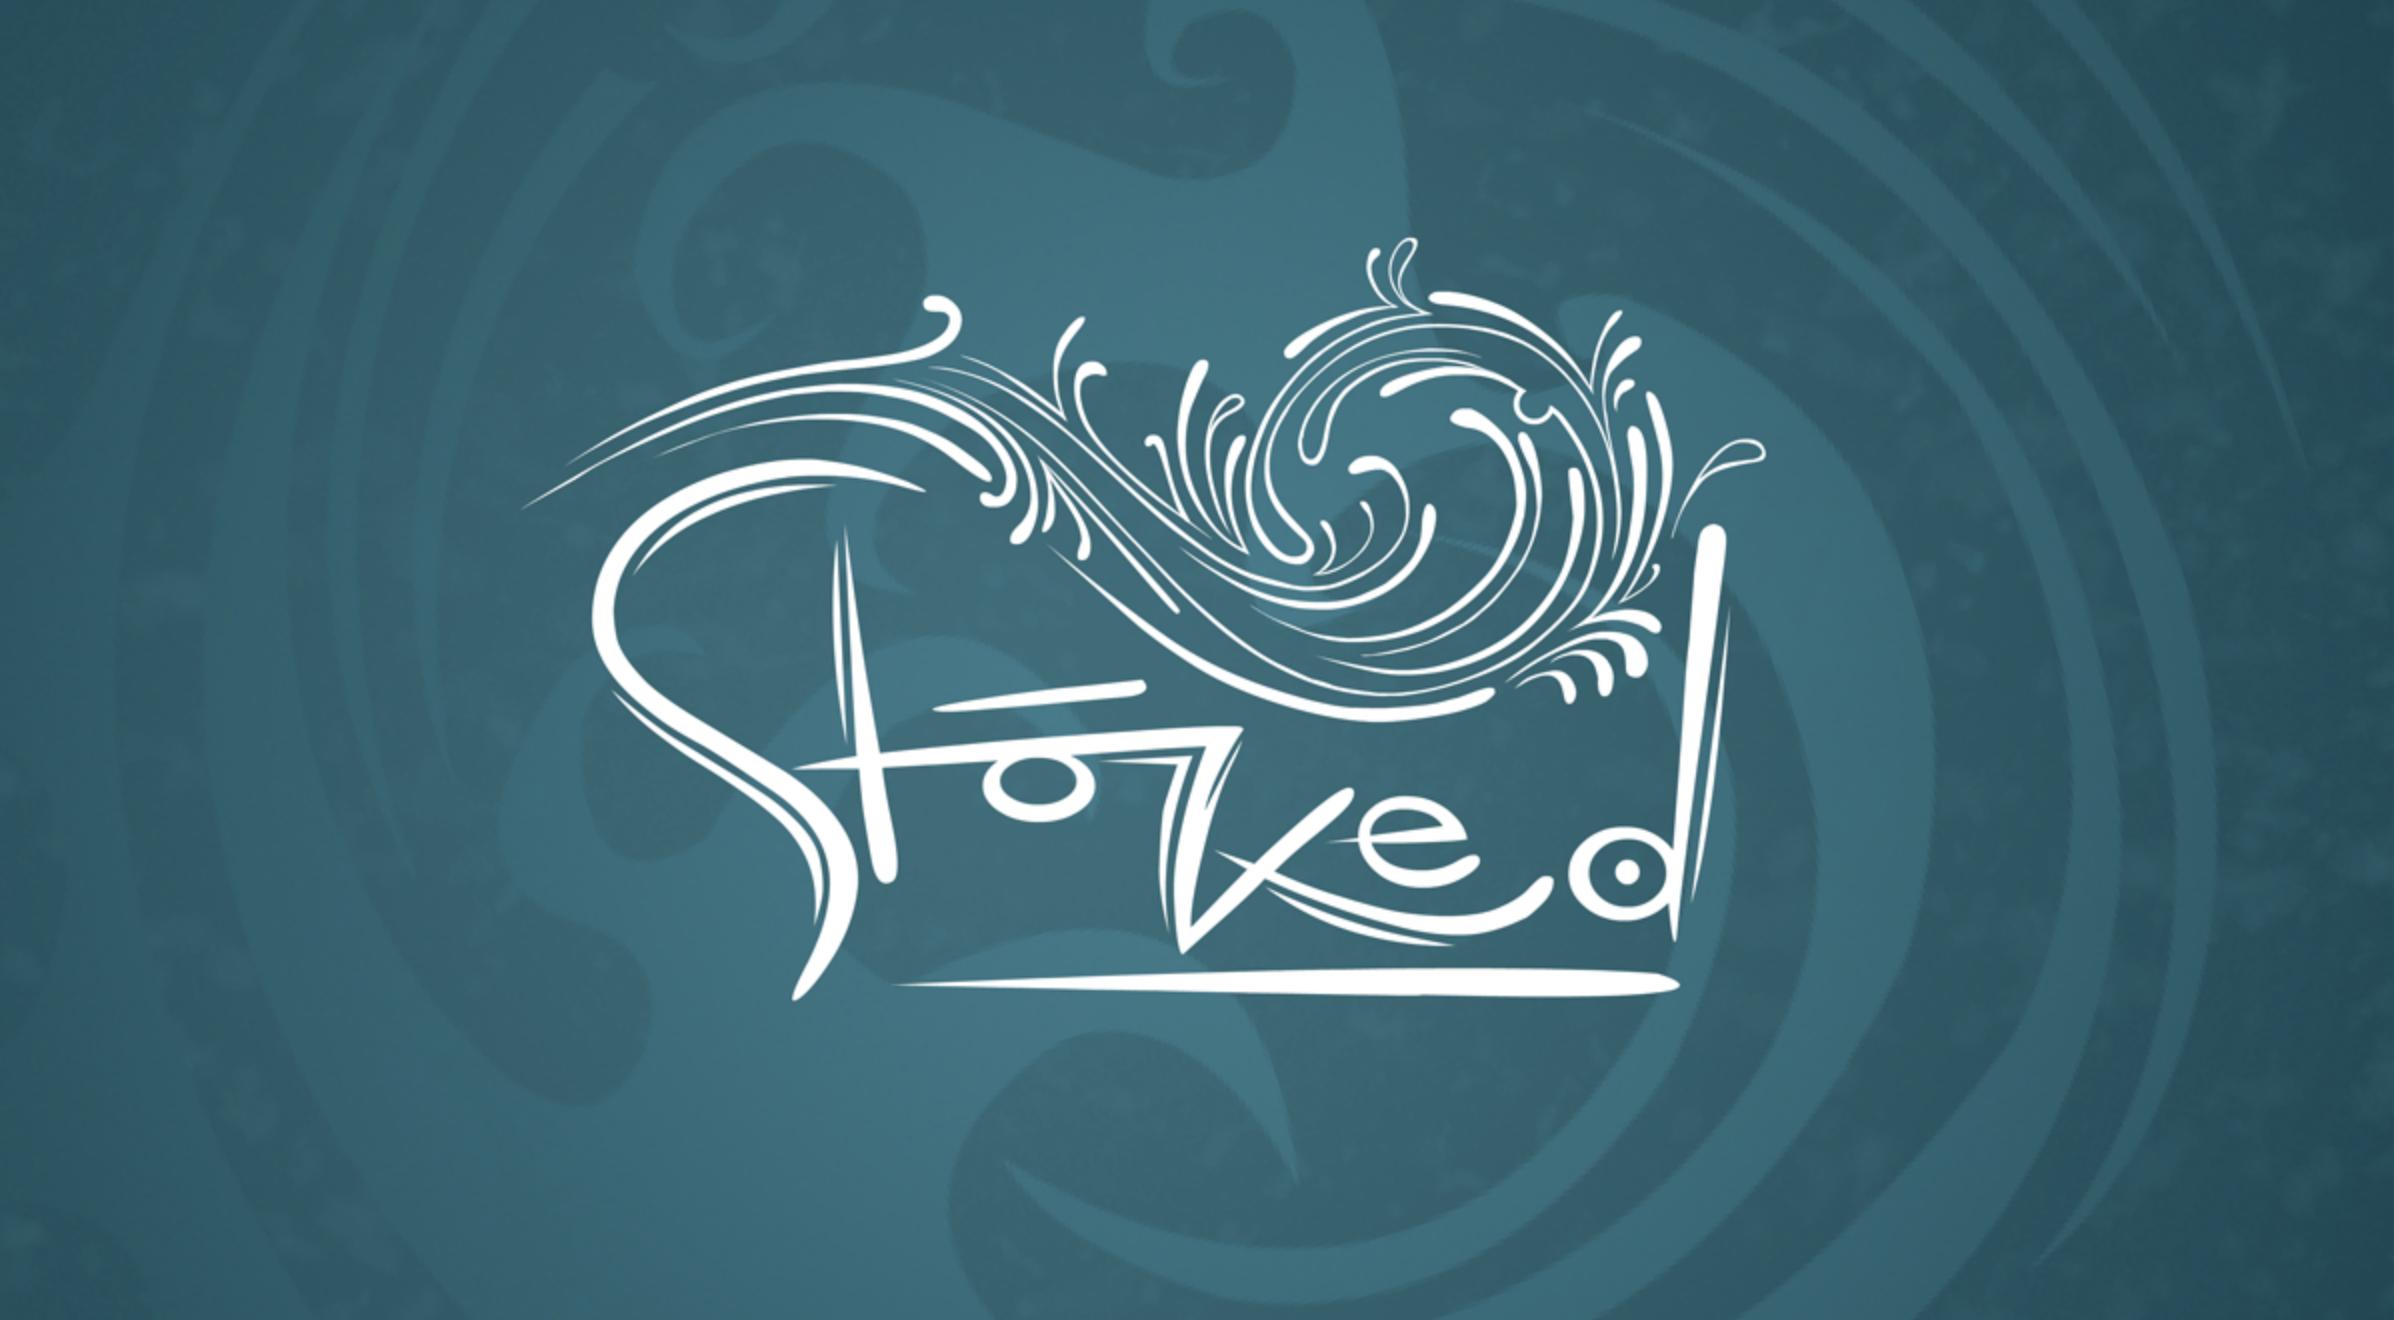 Stoked logo